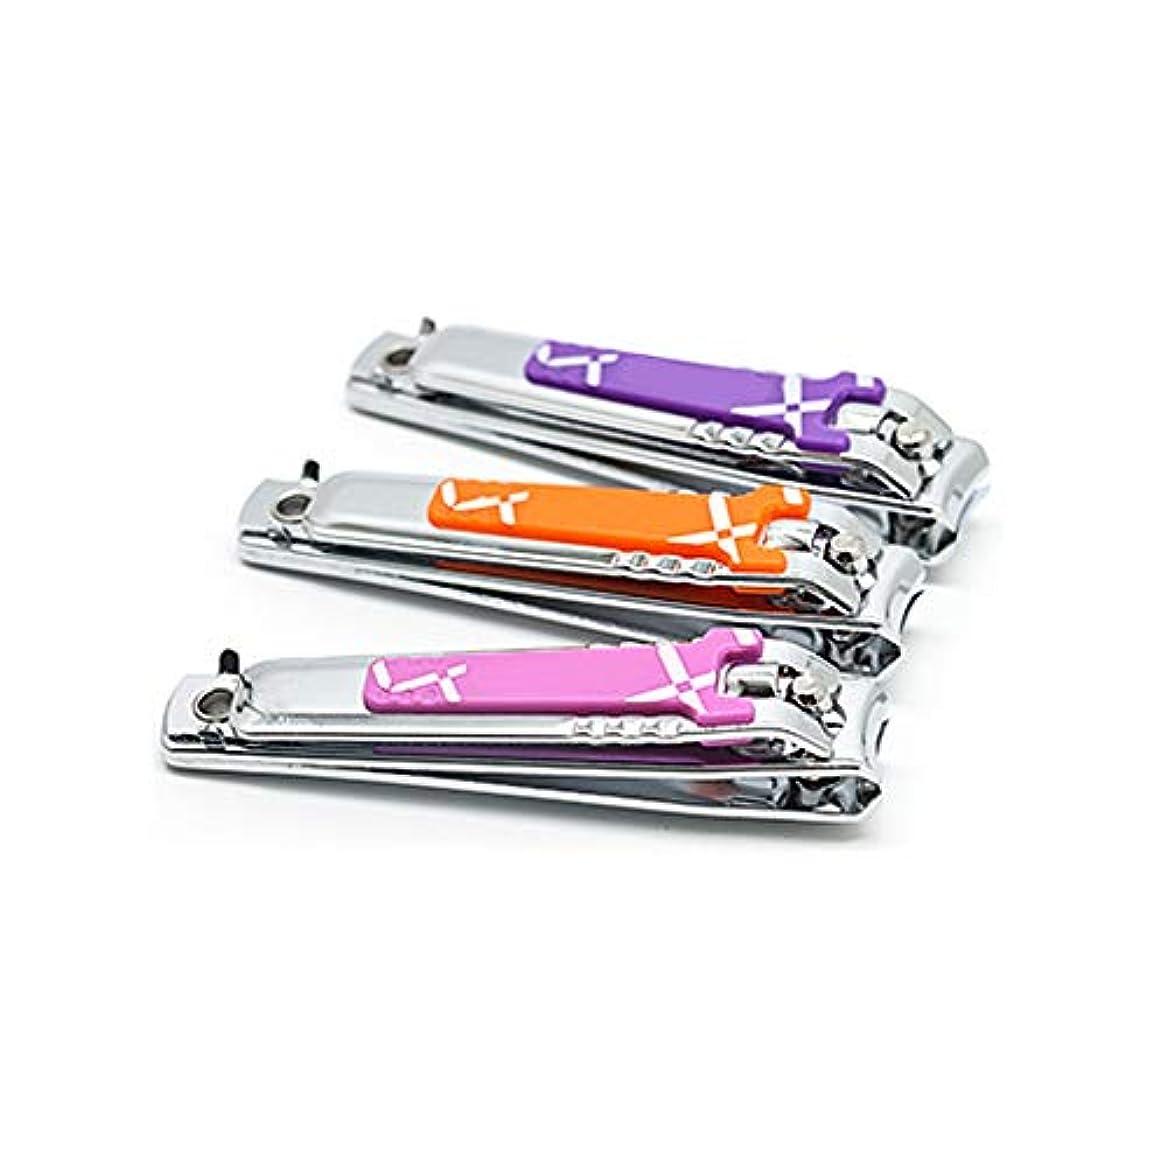 ラバイブビールステンレス爪切り携帯便利男女兼用 爪切りセット、ランダムな色